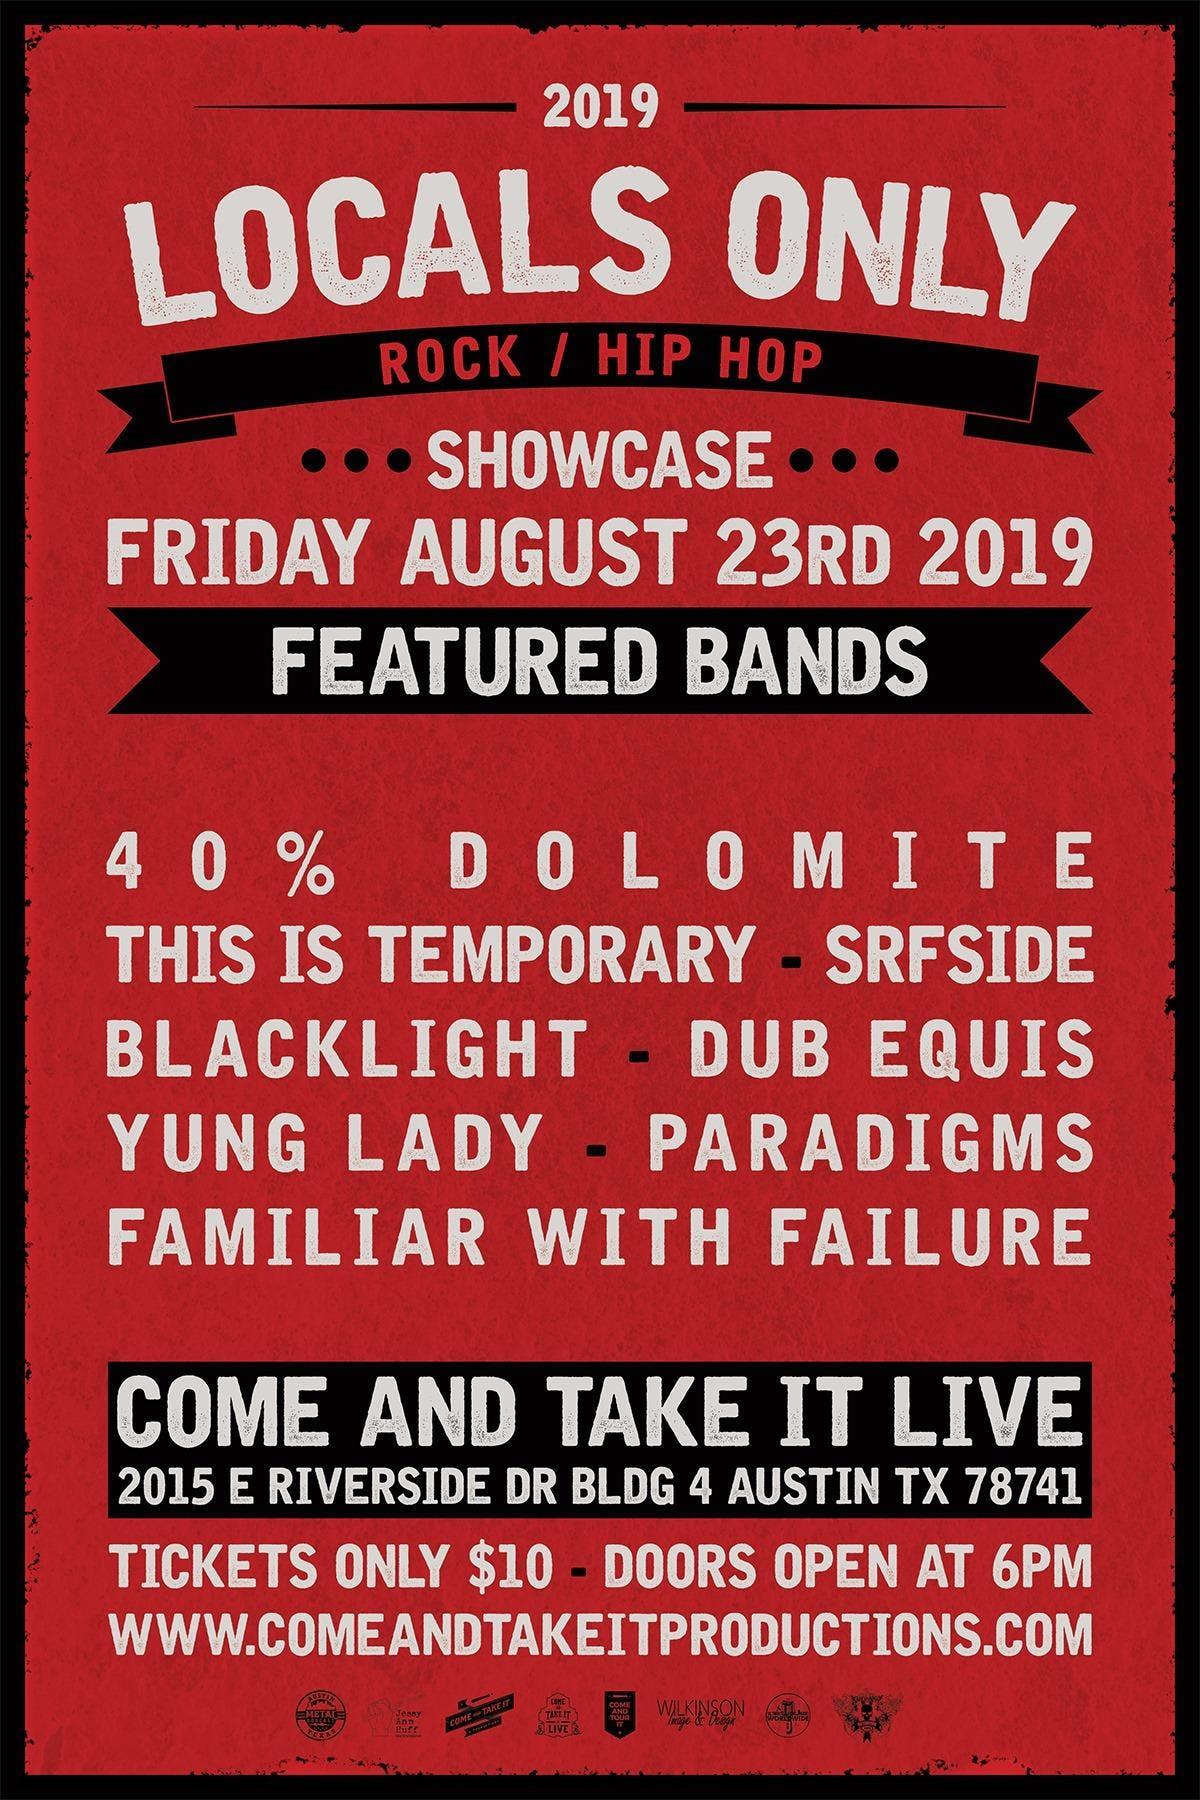 LOCALS ONLY: Rock / Hip Hop Showcase banner